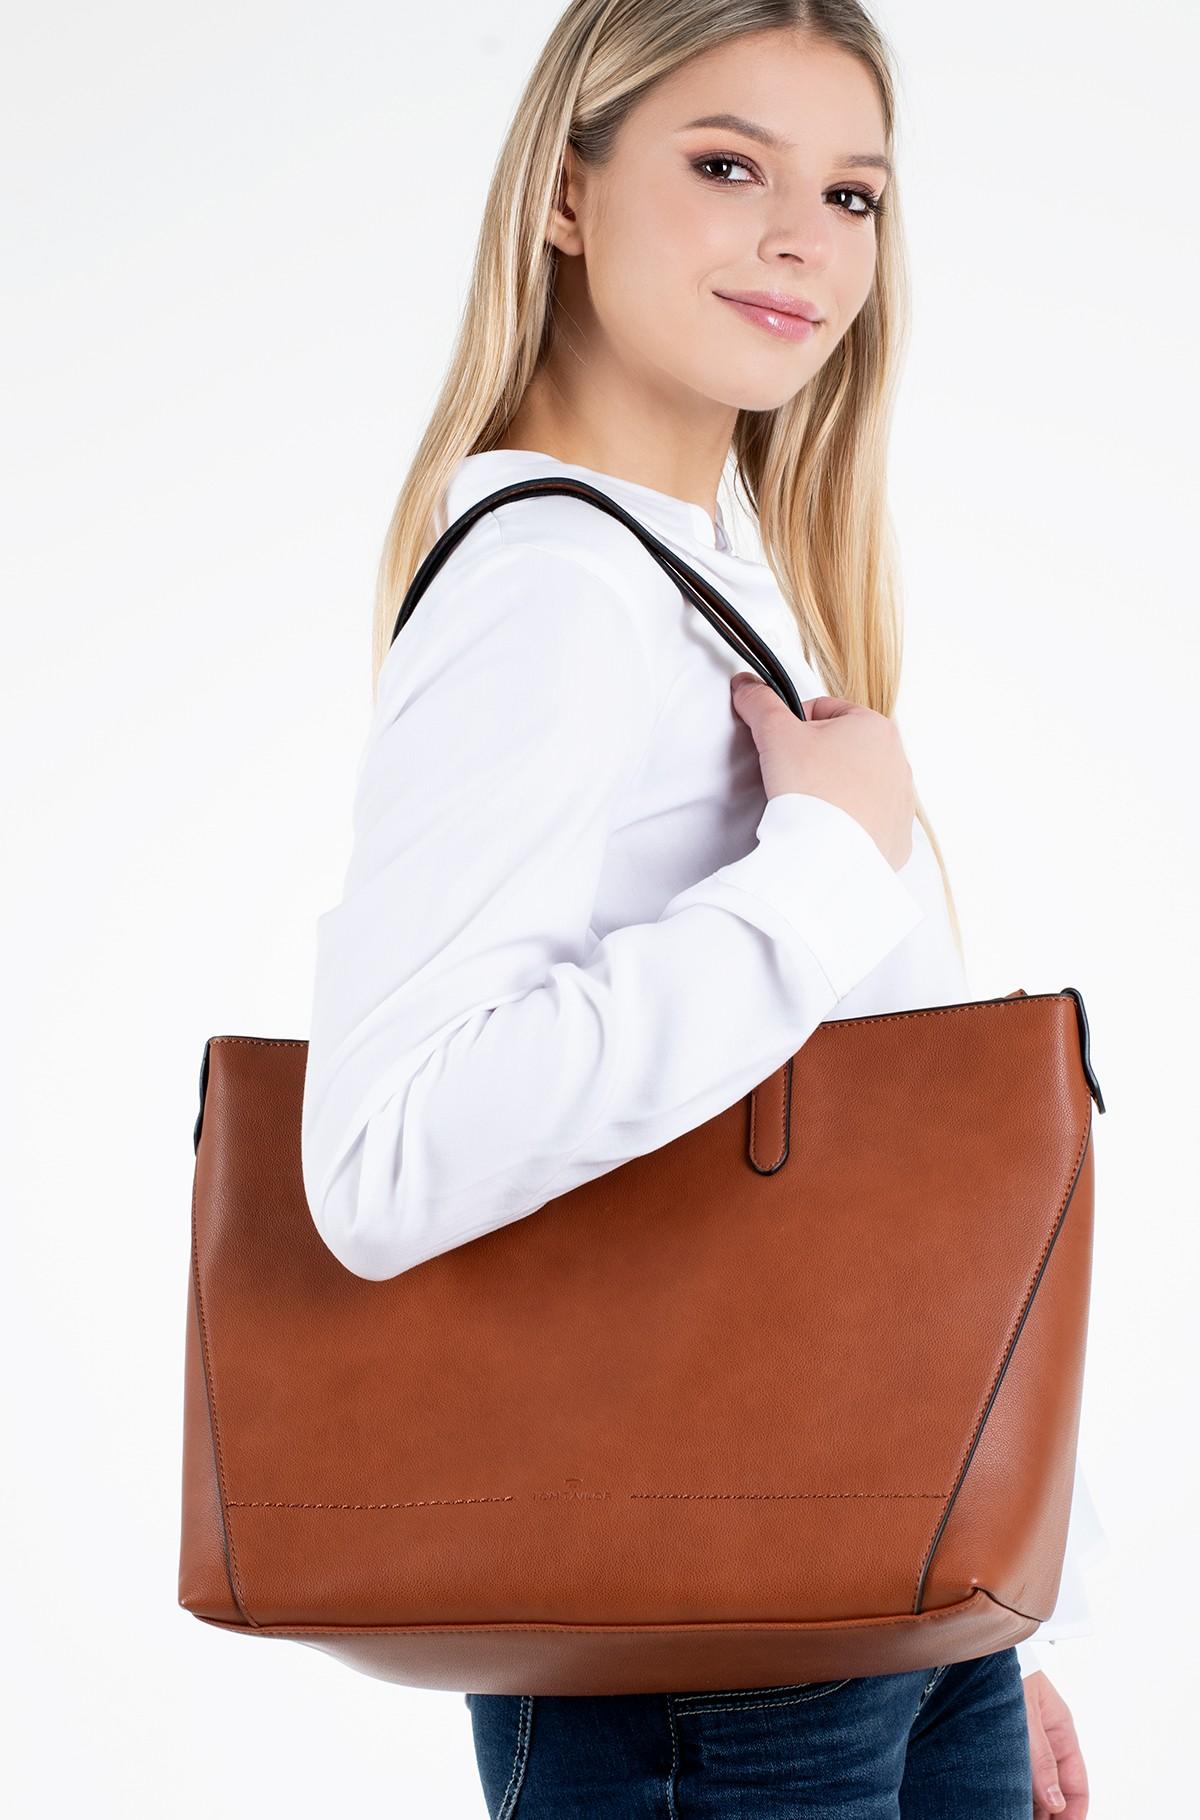 Handbag 28031-full-1